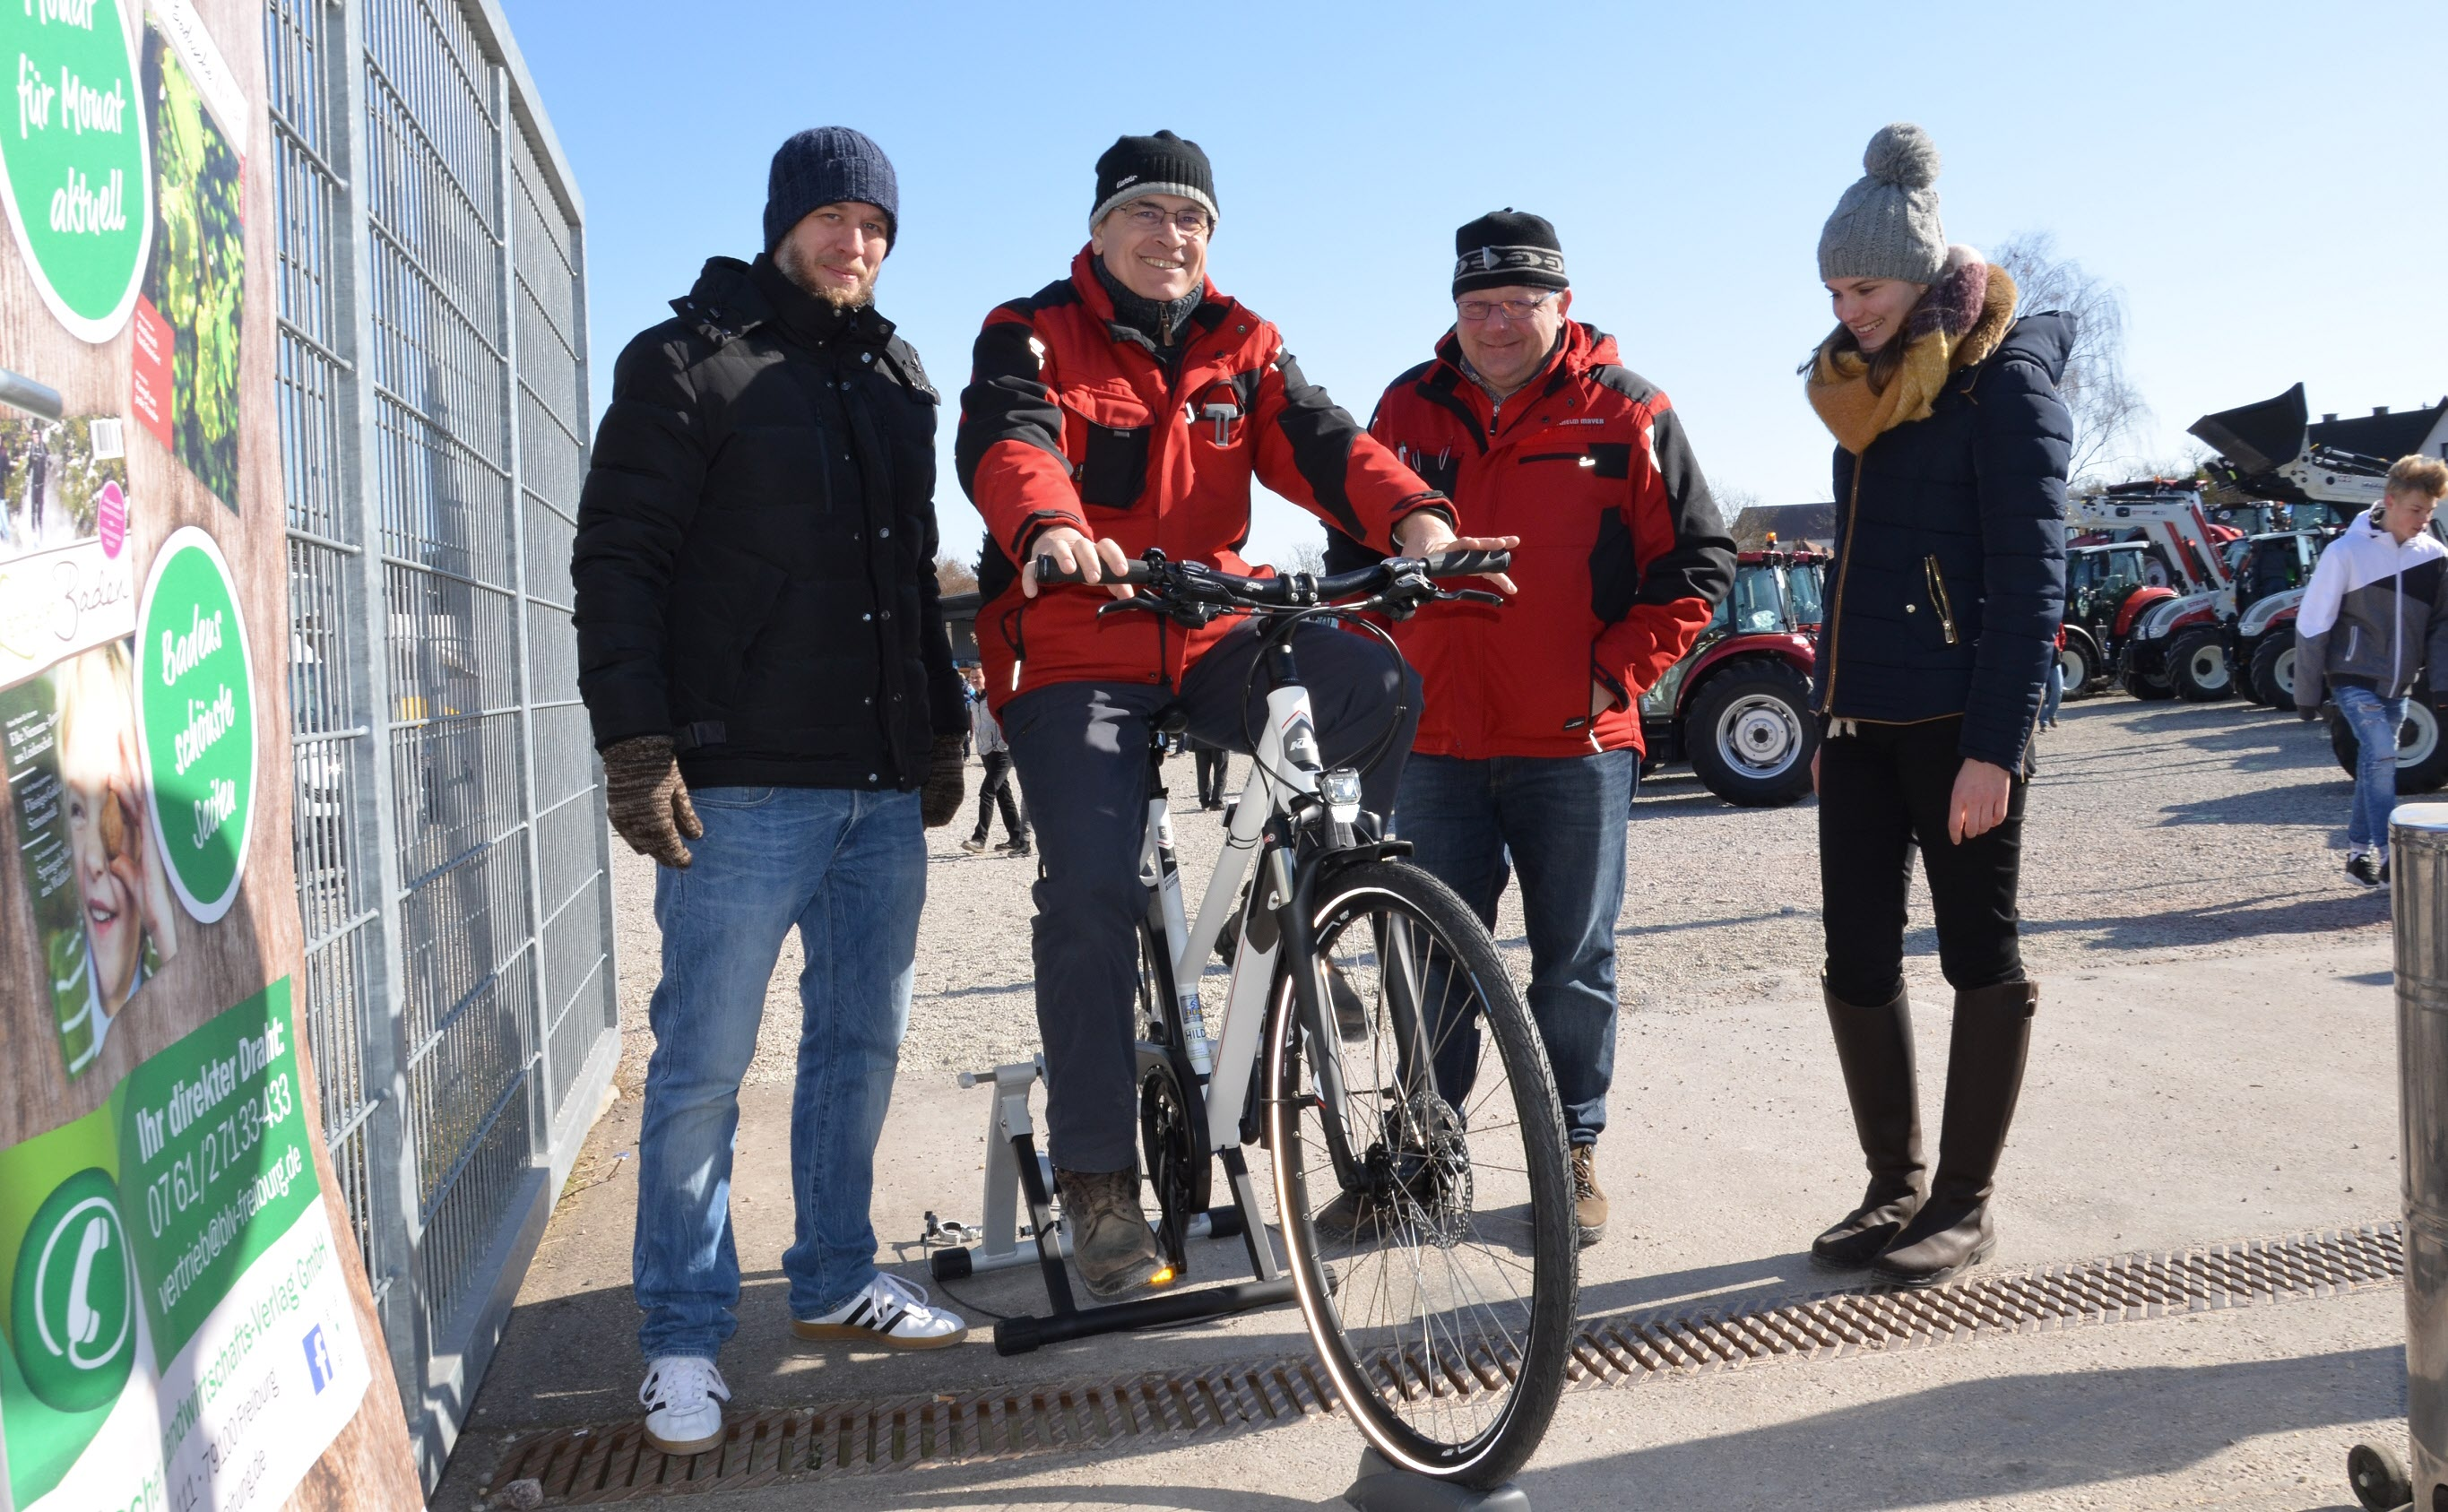 Von der BBZ-Aktion zeigten sich auch Frank Braun (2. von links) und Martin Herbstritt (Geschäftsführer, Wilhelm Mayer, Gottenheim) begeistert. Dennis Nann (links) und Christina Steiert (rechts) instruierten die Radler.